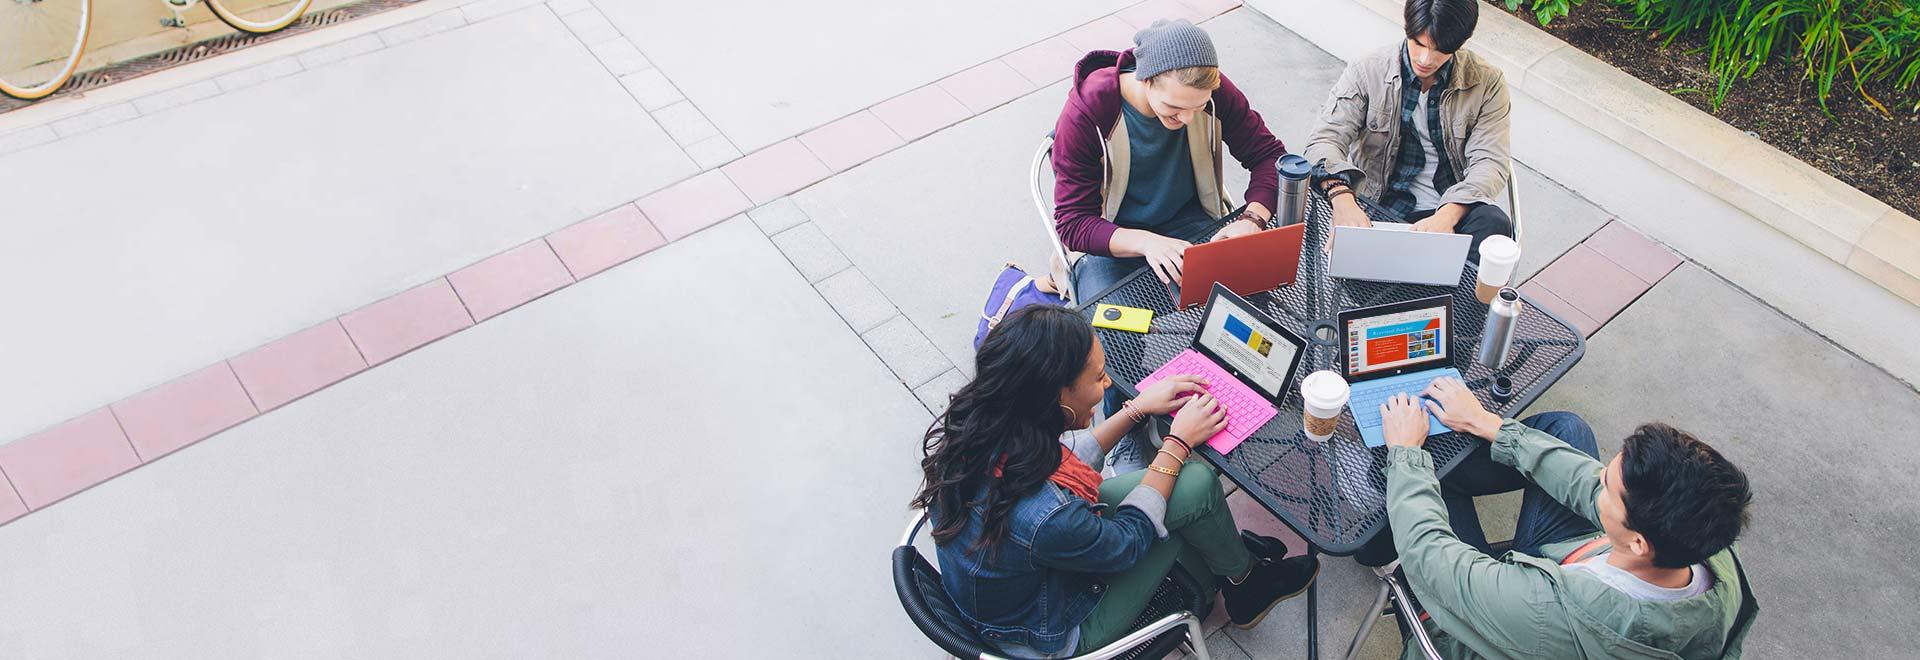 Vier Studenten an einem Tisch im Freien mit Office 365 Education auf ihren Tablets